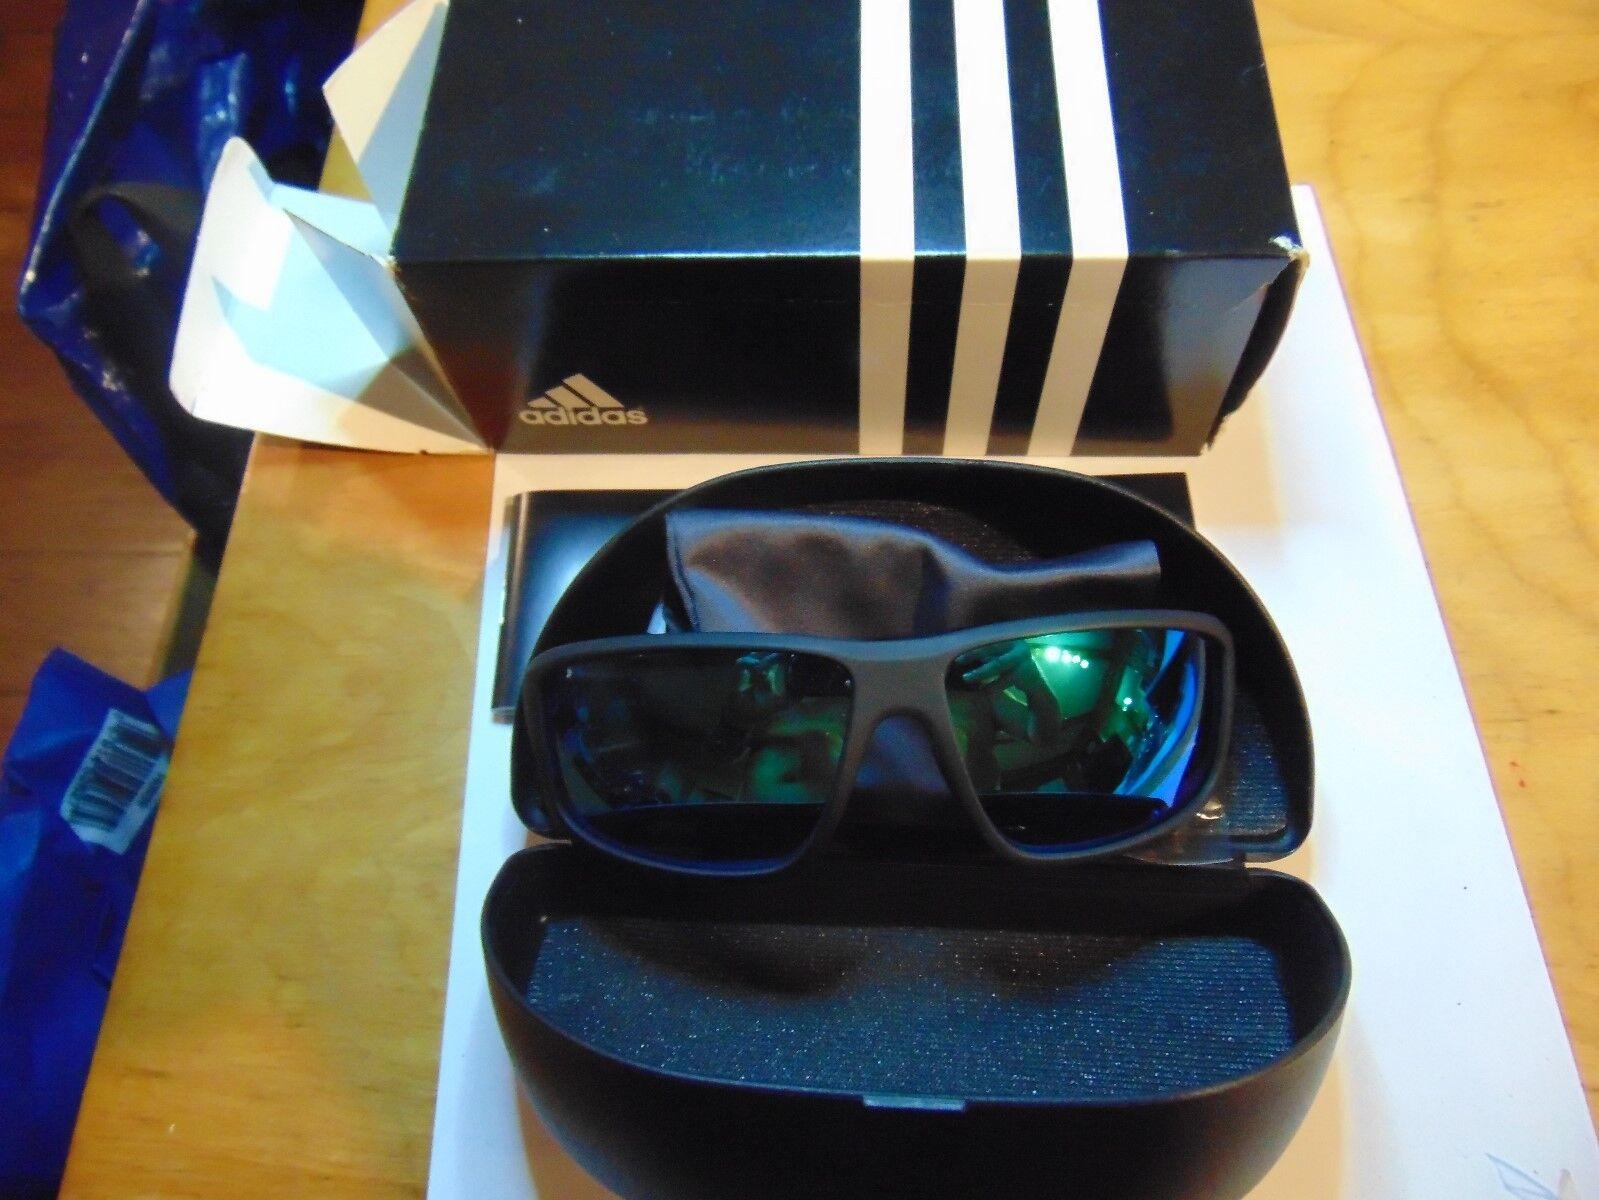 lunettes de soleil kumacross par adidas kumacross soleil faites en autriche 24bf06